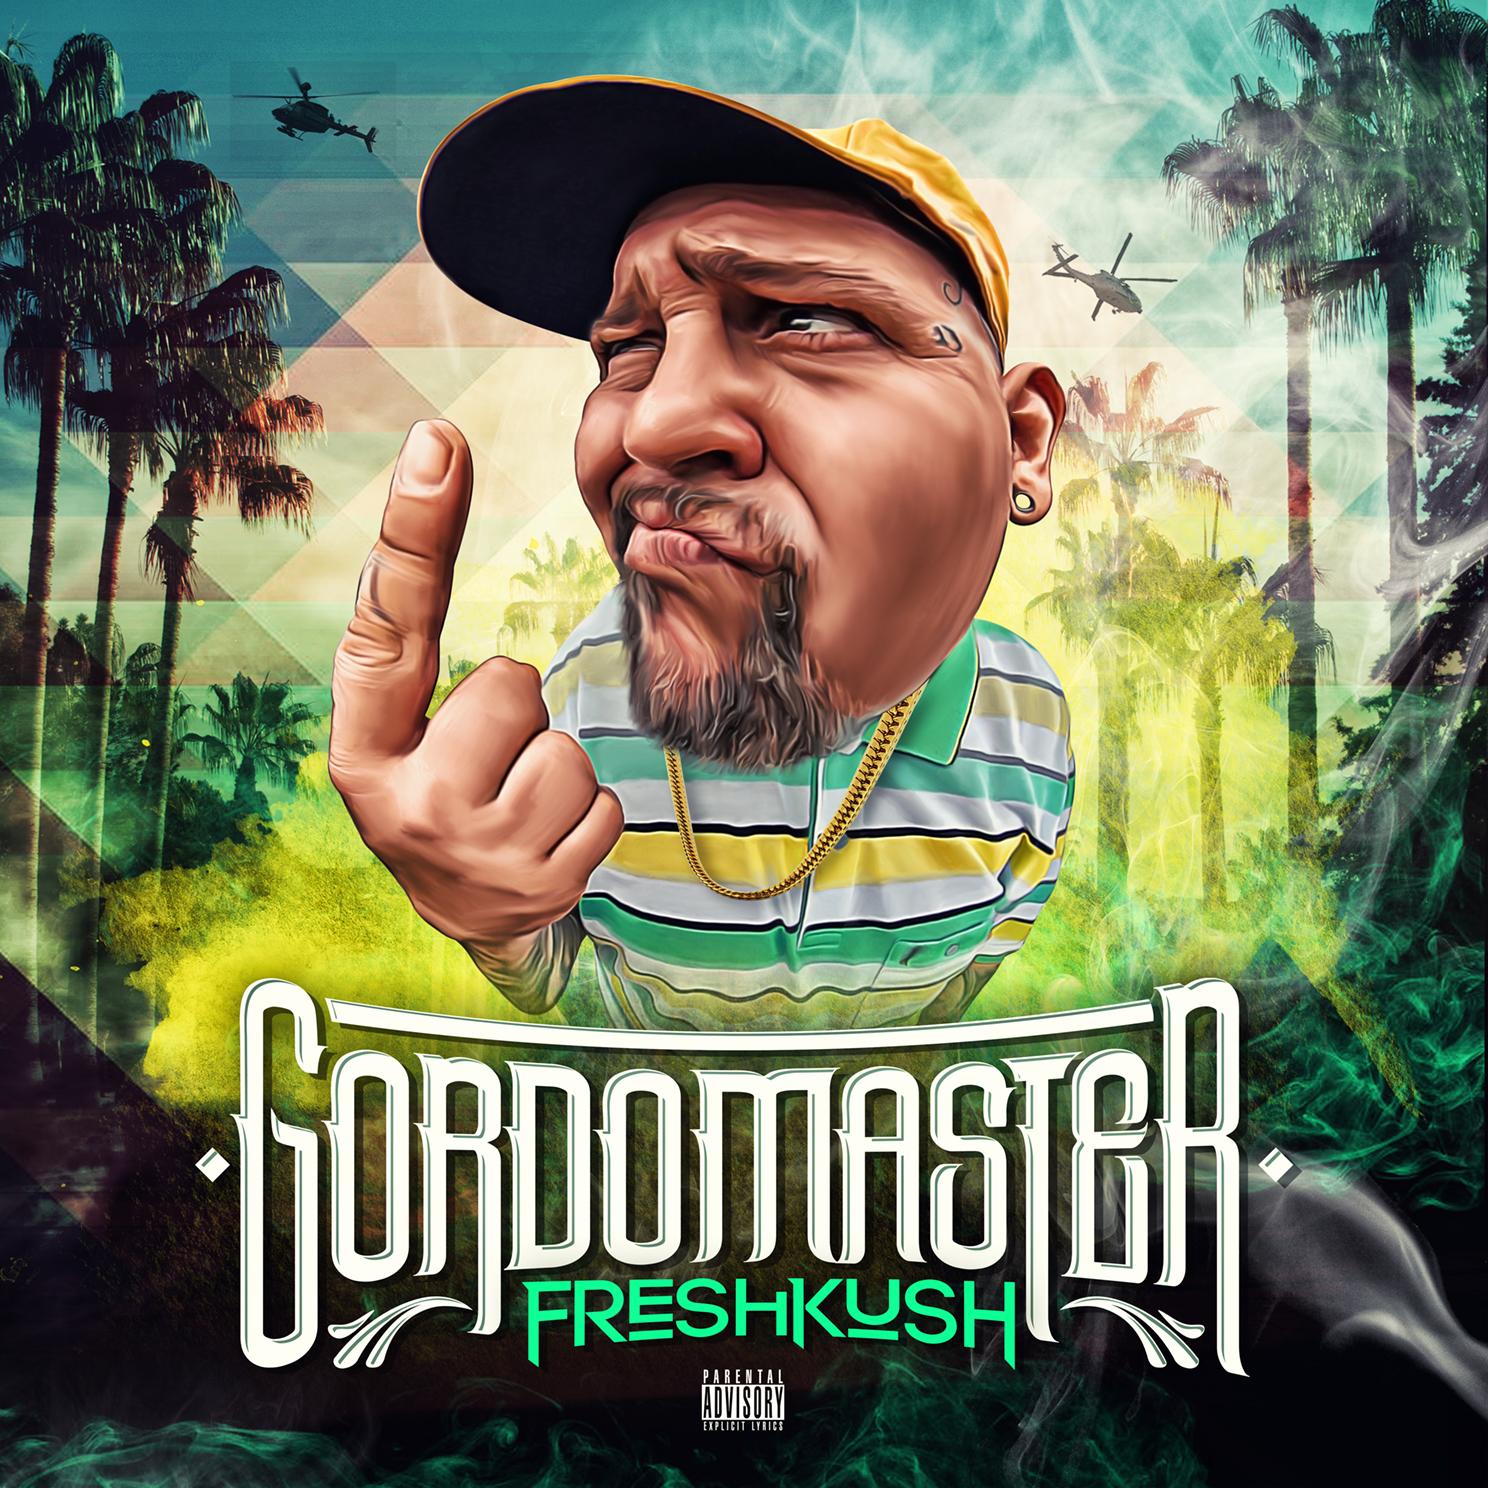 Gordo Master - Freshkush - Mixtape, 2017